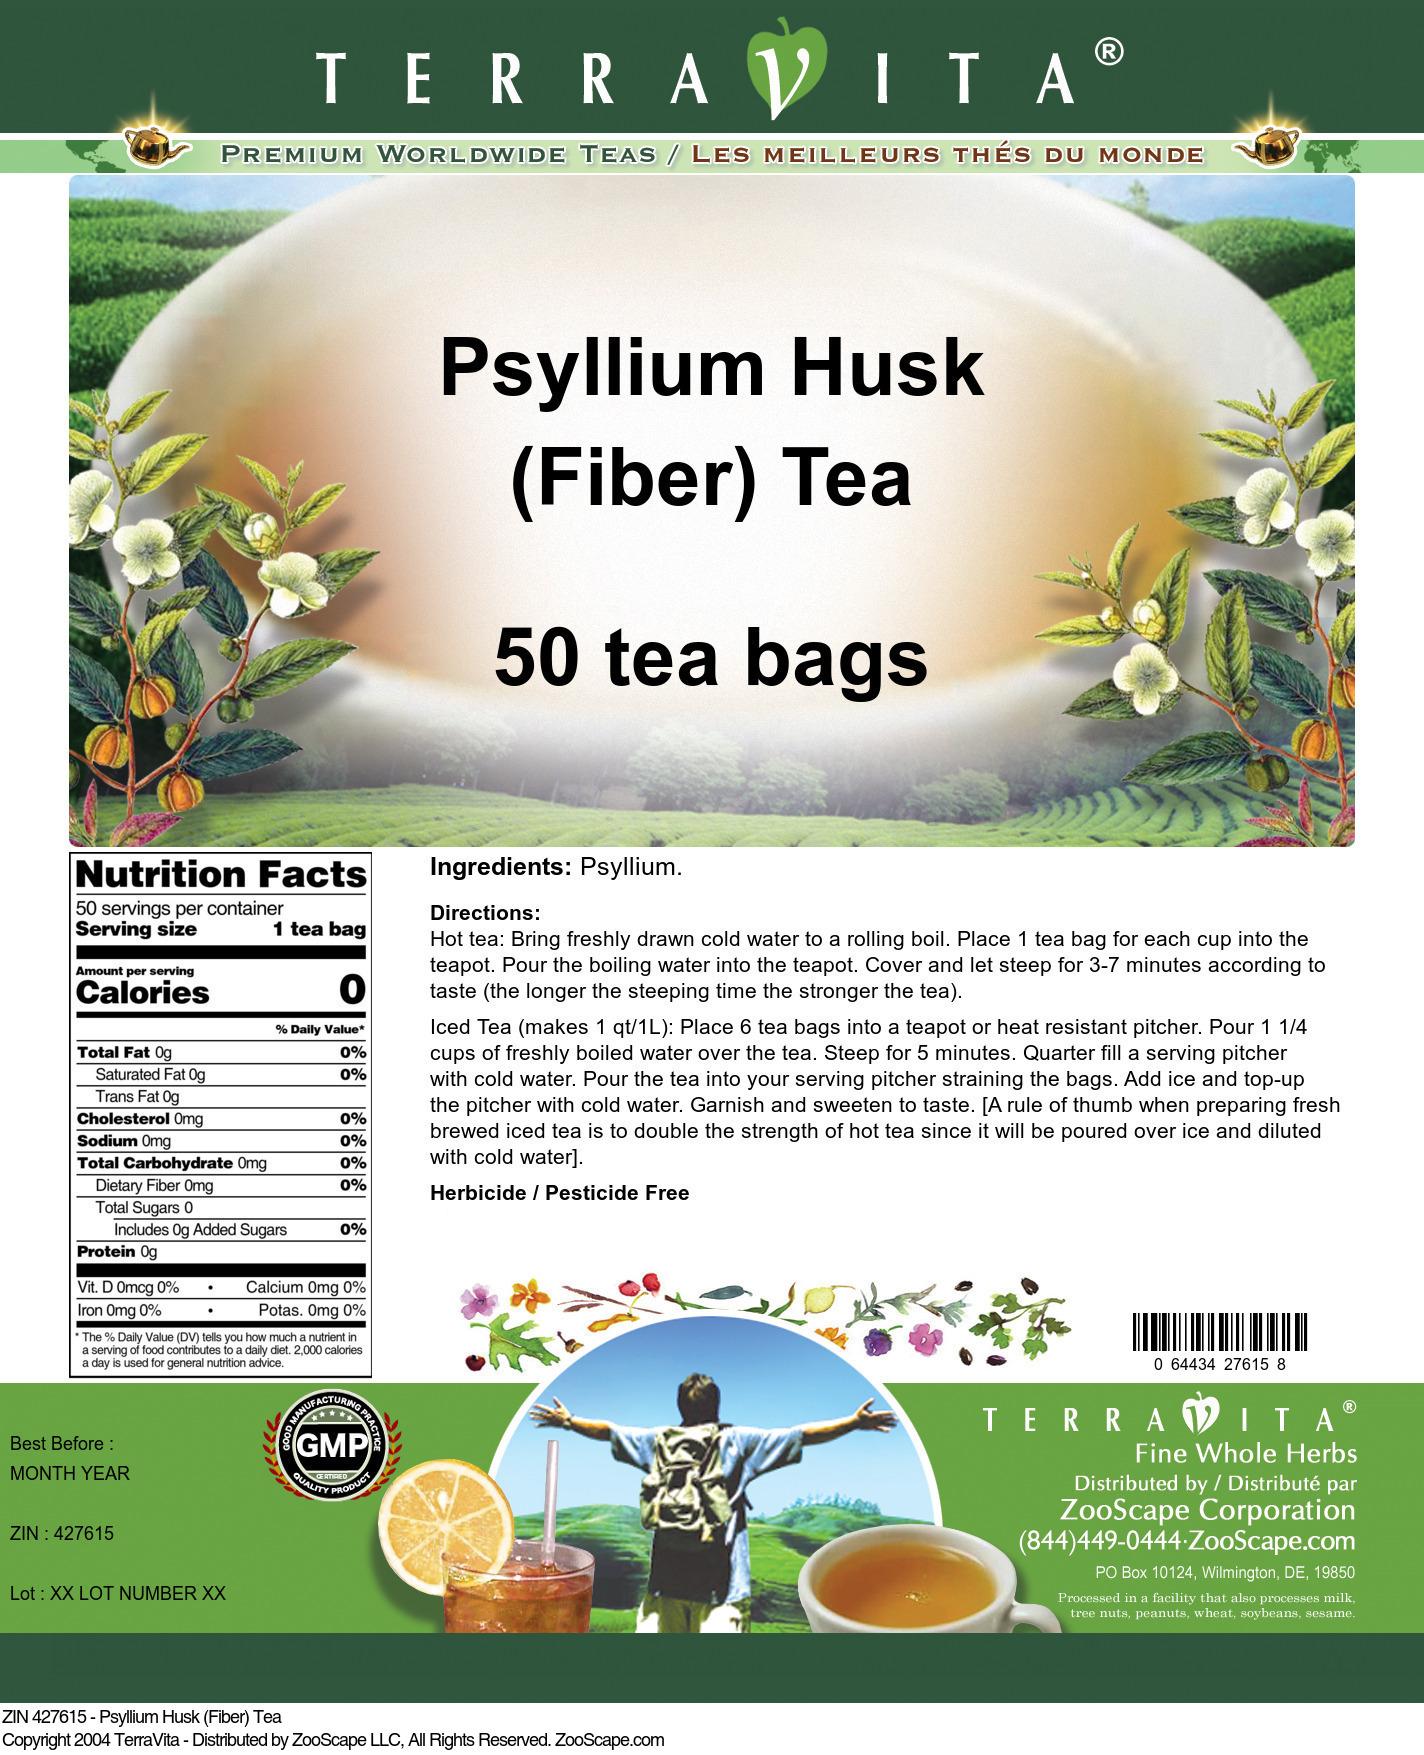 Psyllium Husk (Fiber) Tea